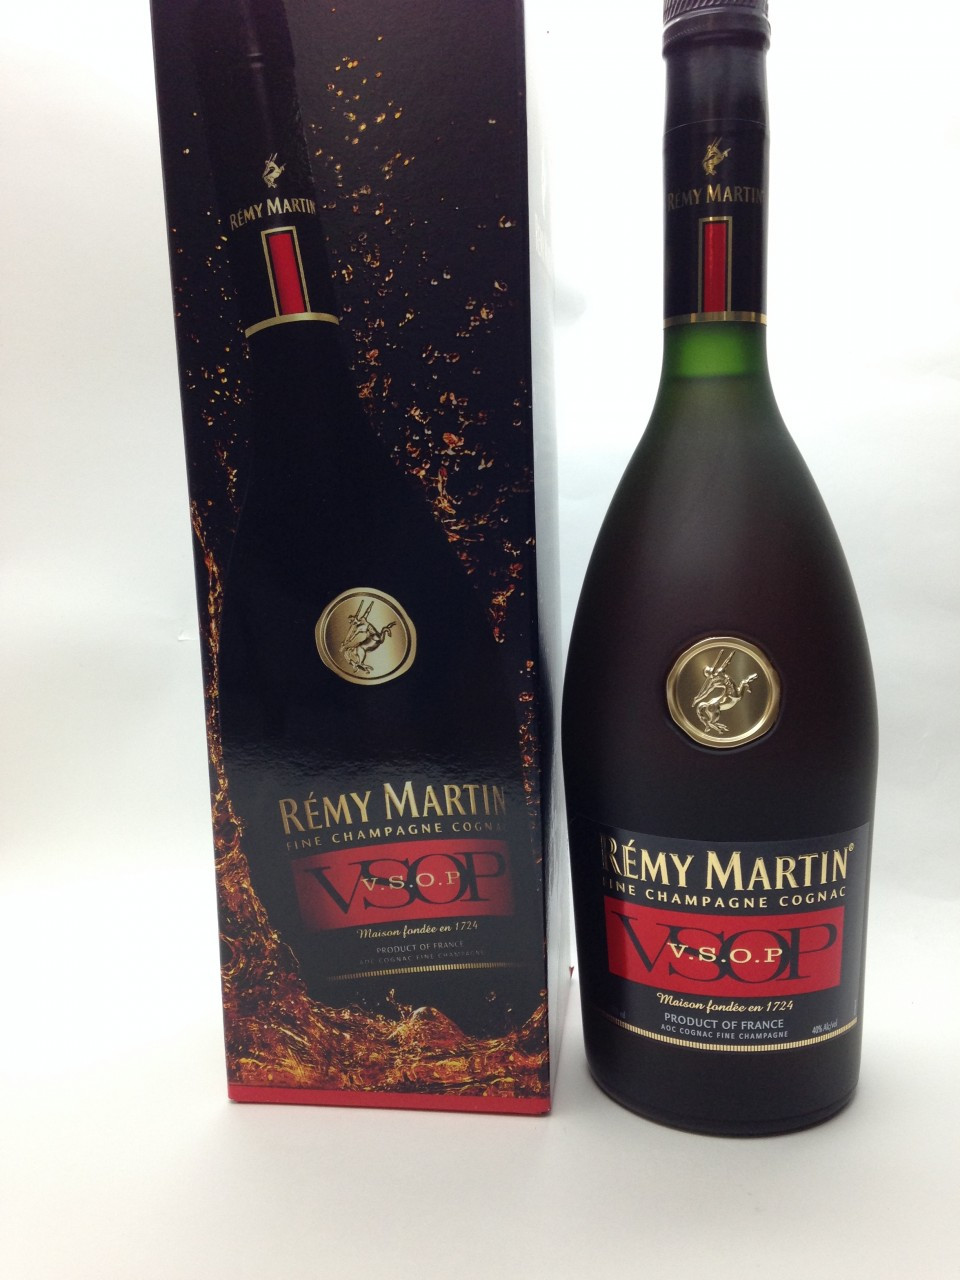 r my martin vsop fine champagne cognac www. Black Bedroom Furniture Sets. Home Design Ideas